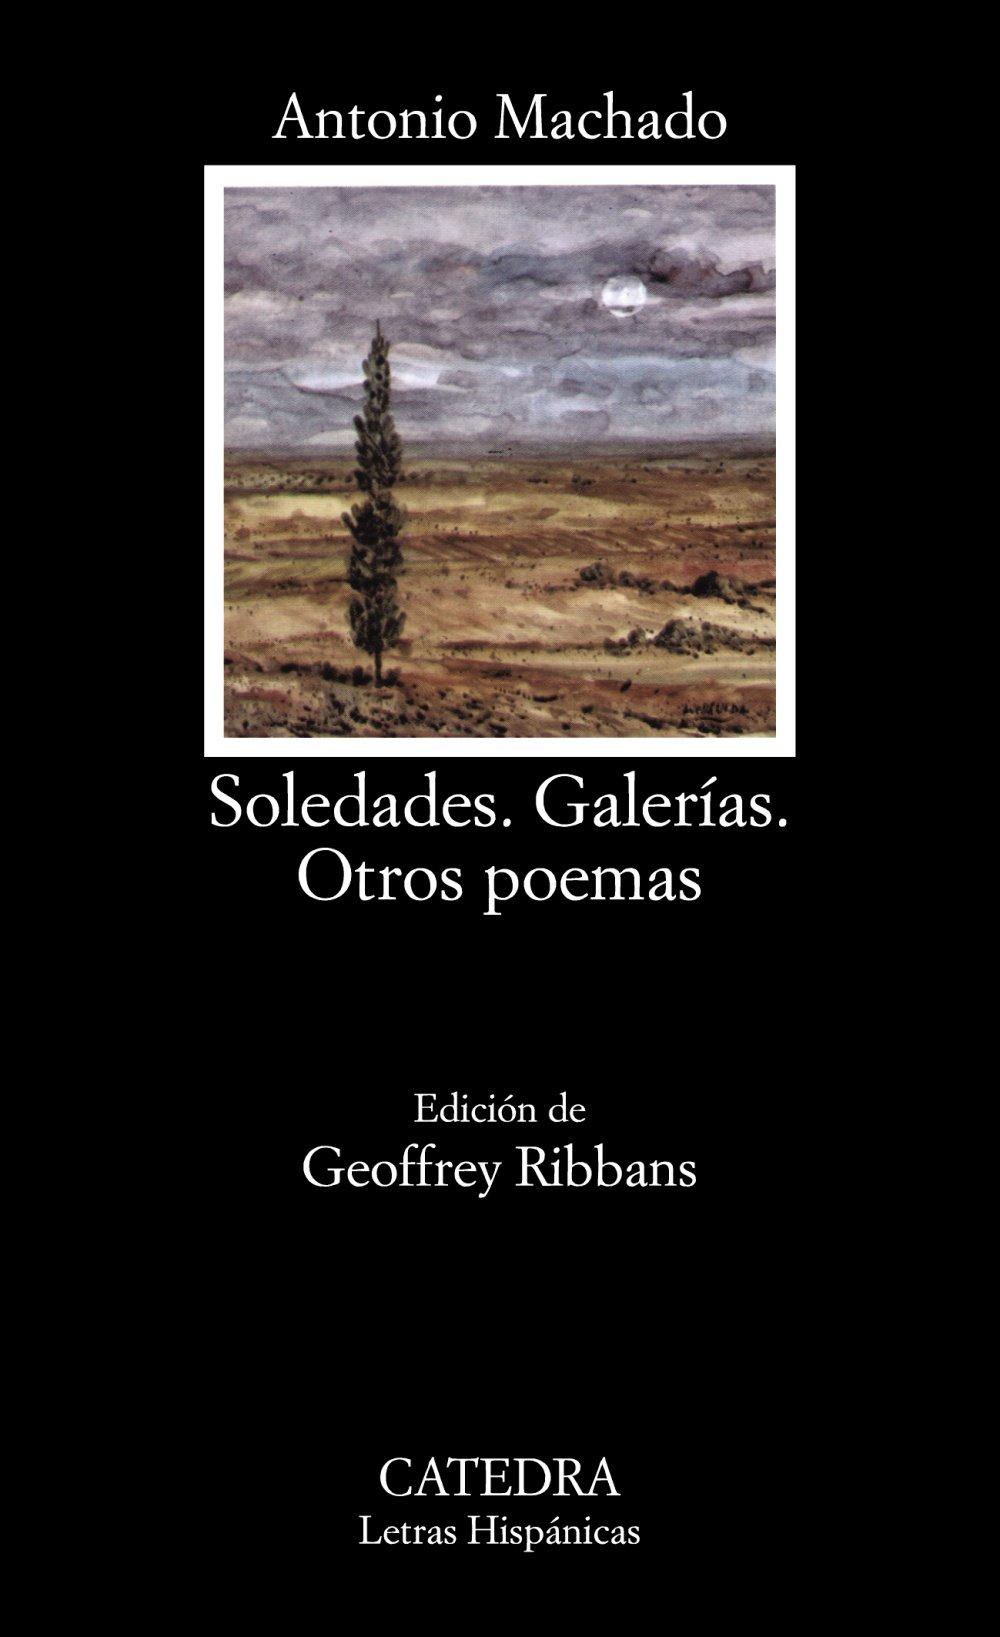 Soledades; Galerías; Otros poemas: Soledades, Galerias, Otros Poemas (Letras Hispánicas) Tapa blanda – 2 nov 2018 Antonio Machado Cátedra 8437604117 General